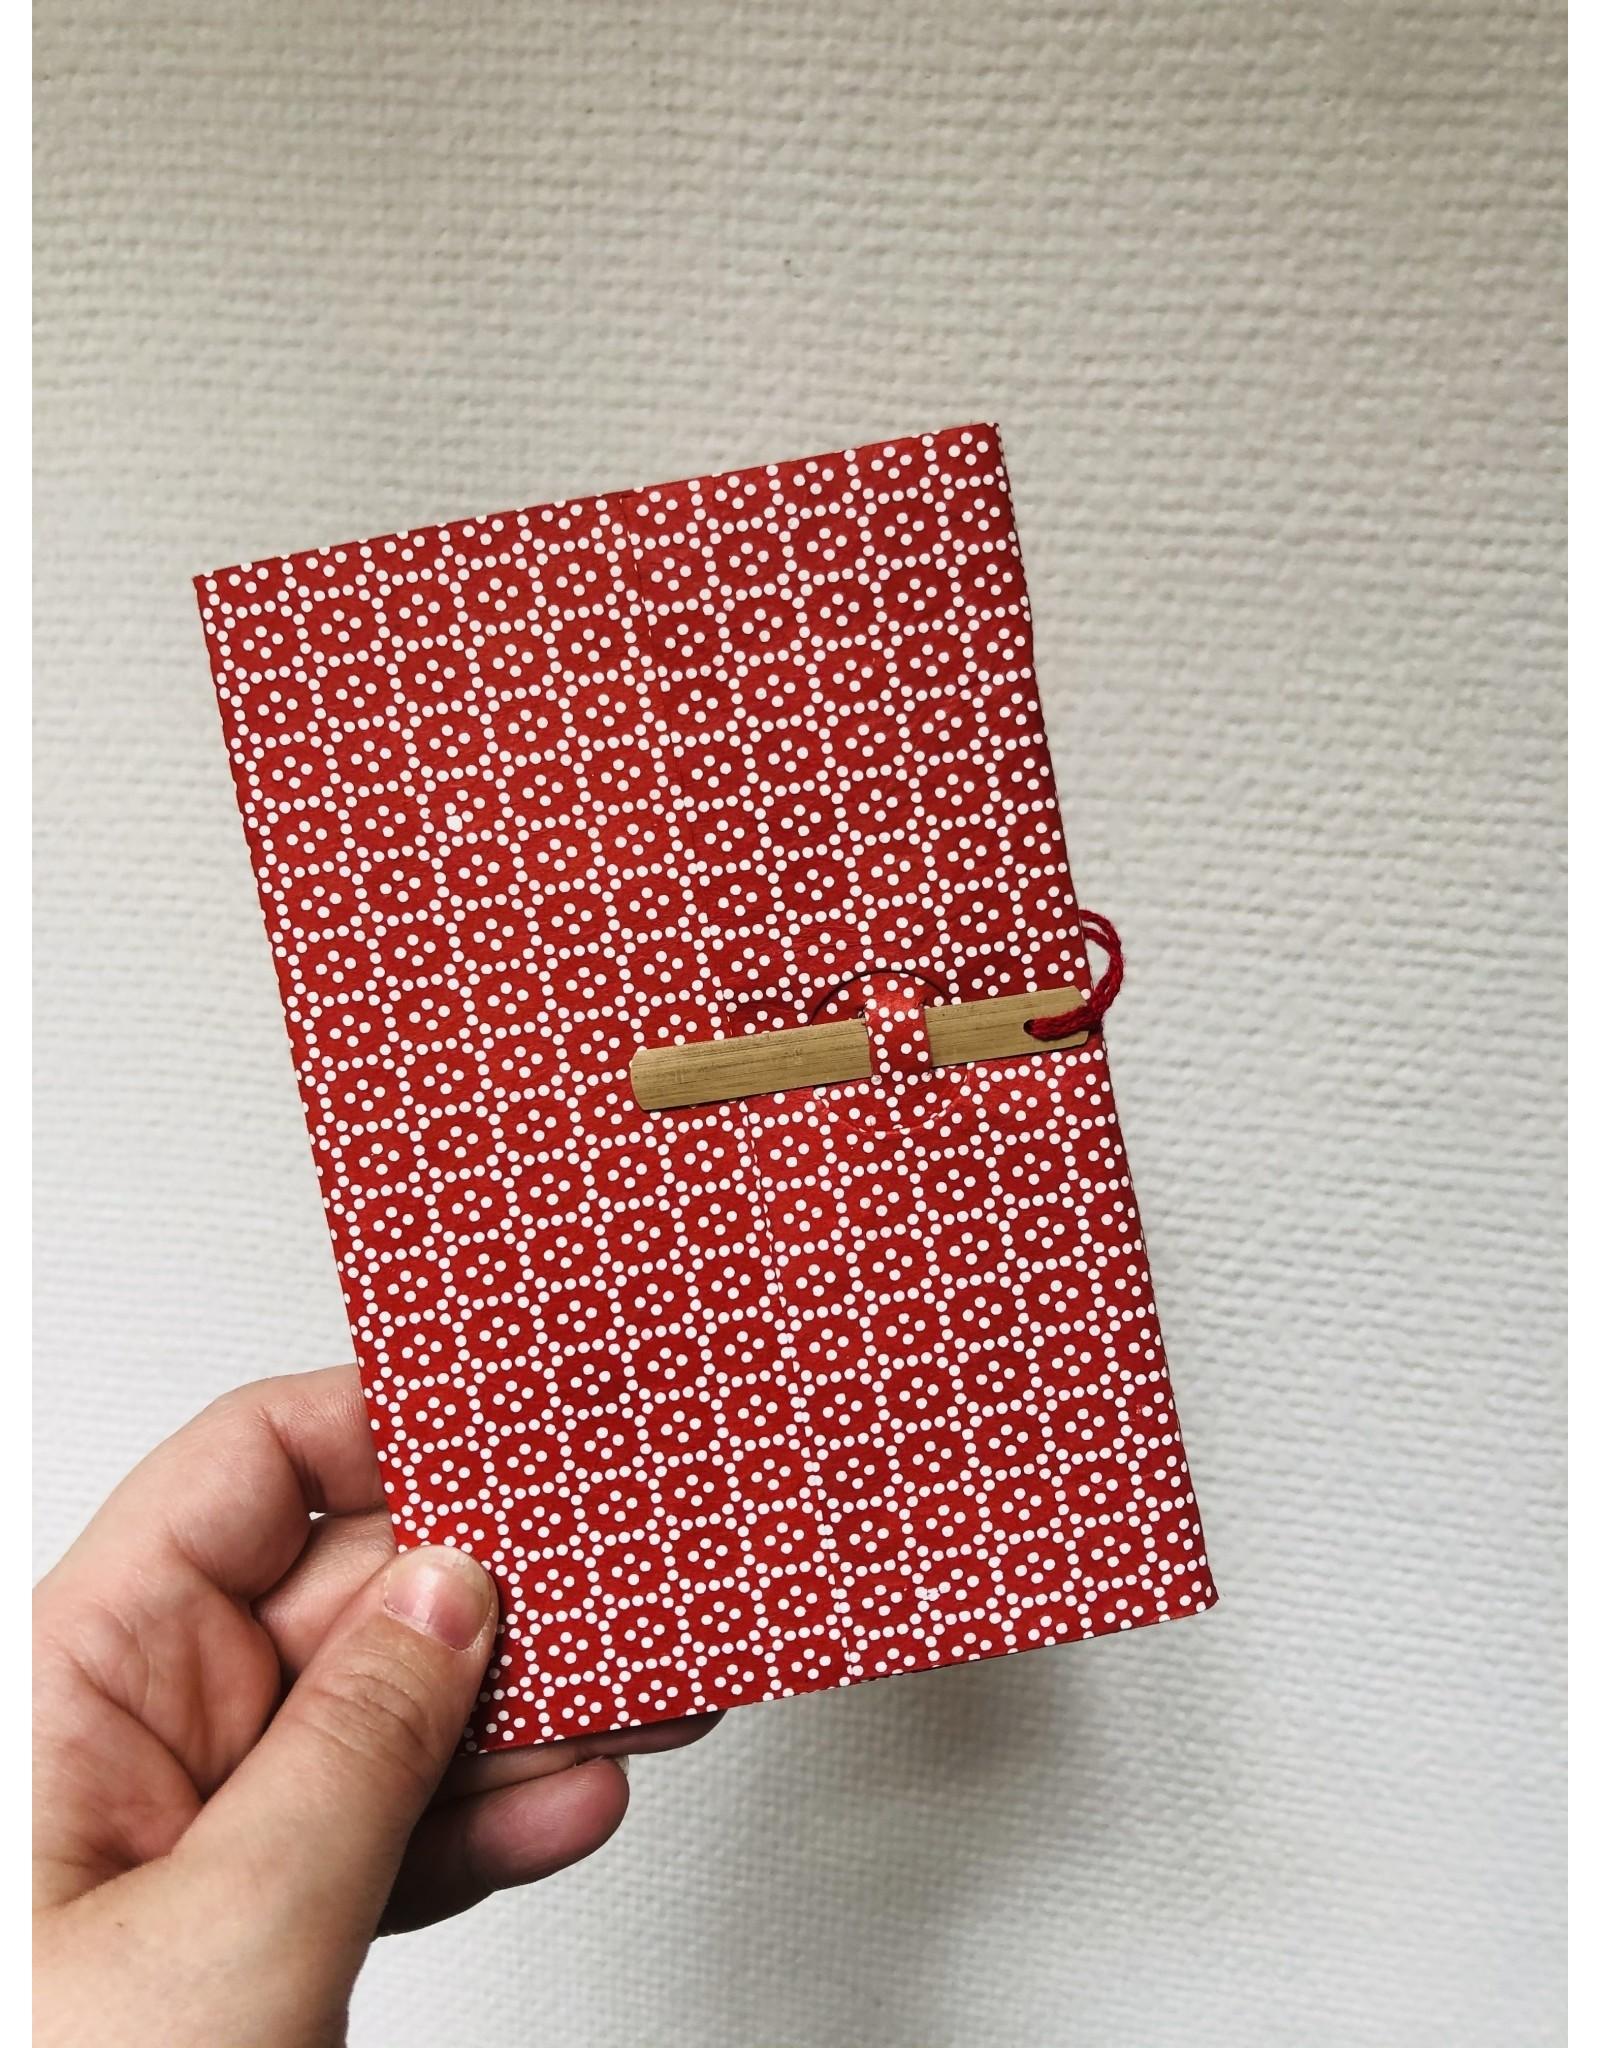 Lamali Boekje Escapade - Rood Bolletjes patroon - Zachte papieren kaft  - 20 ivoren pagina's - Handgemaakt 100% katoenpapier - 10  x 15,5 cm